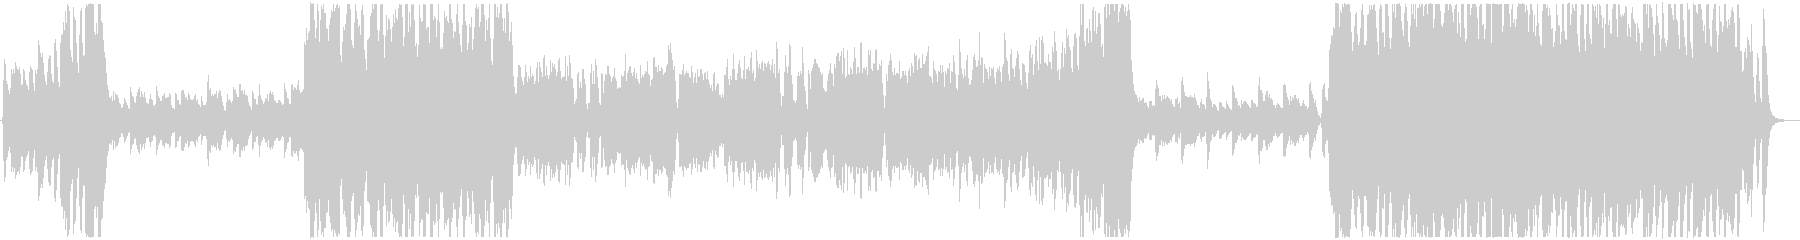 ポップで疾走感のあるオーケストラBGMの未再生の波形